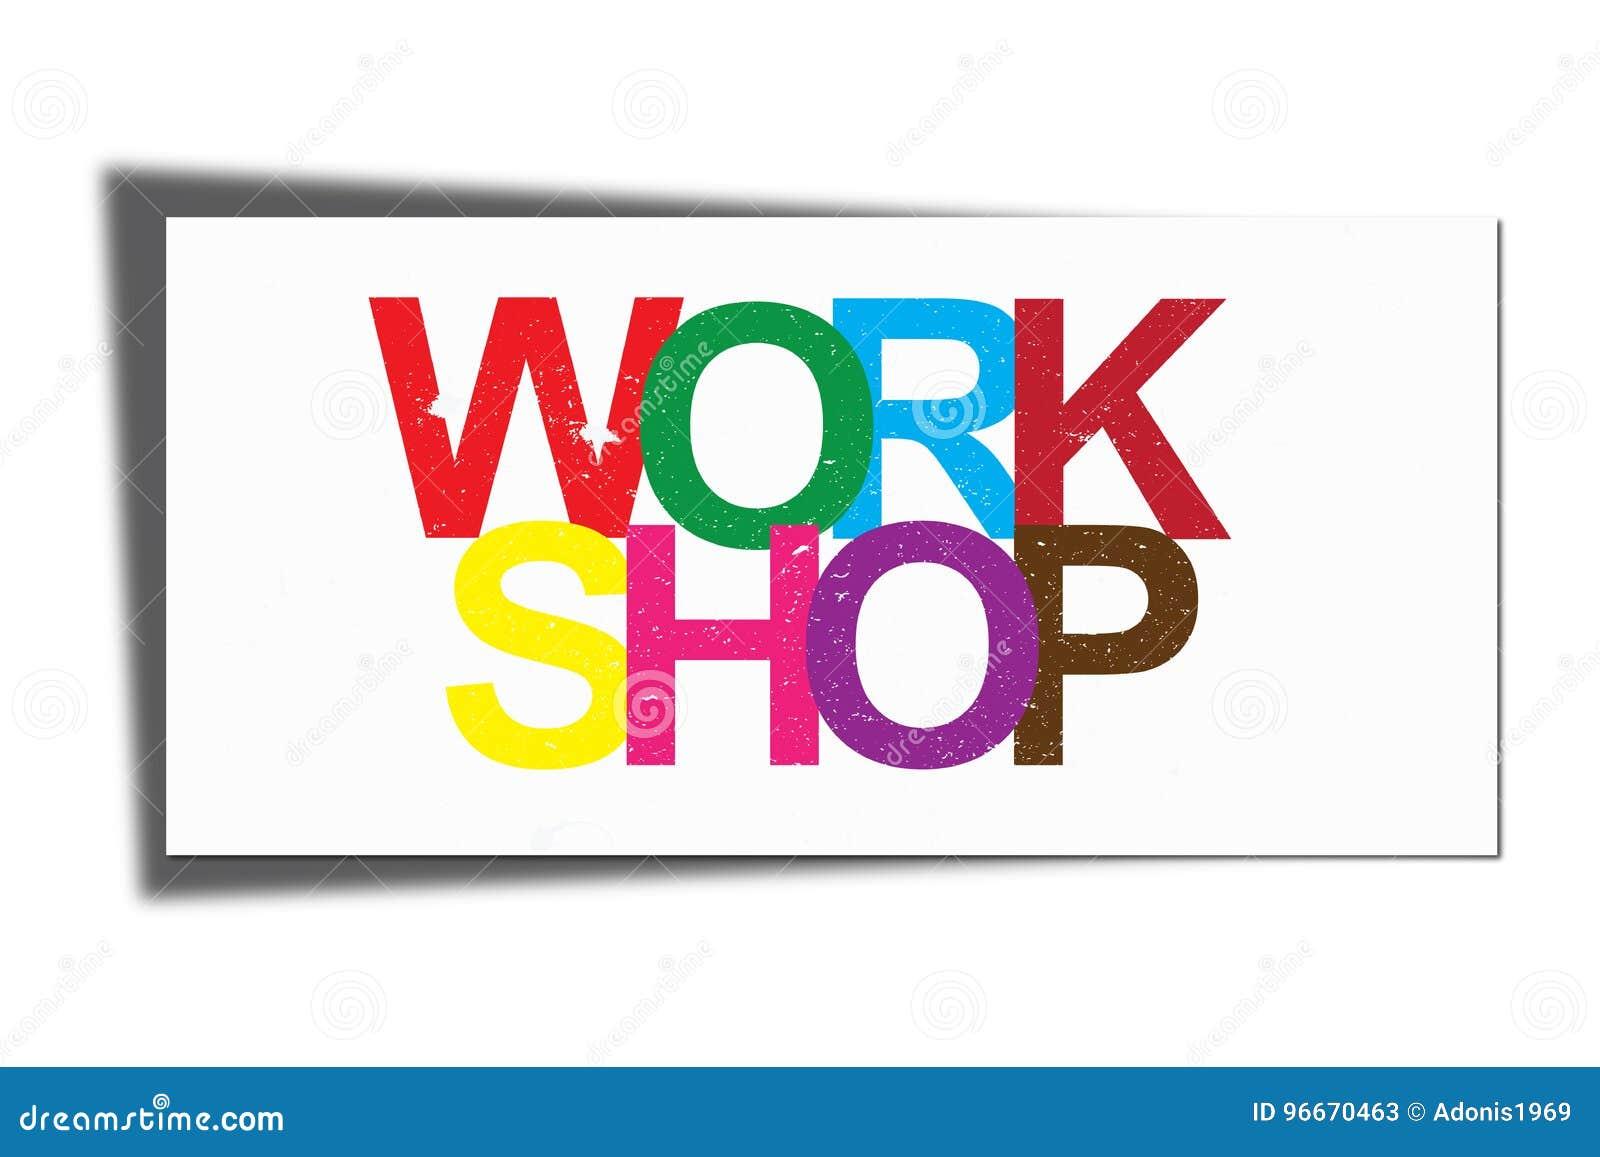 Work shop illustration